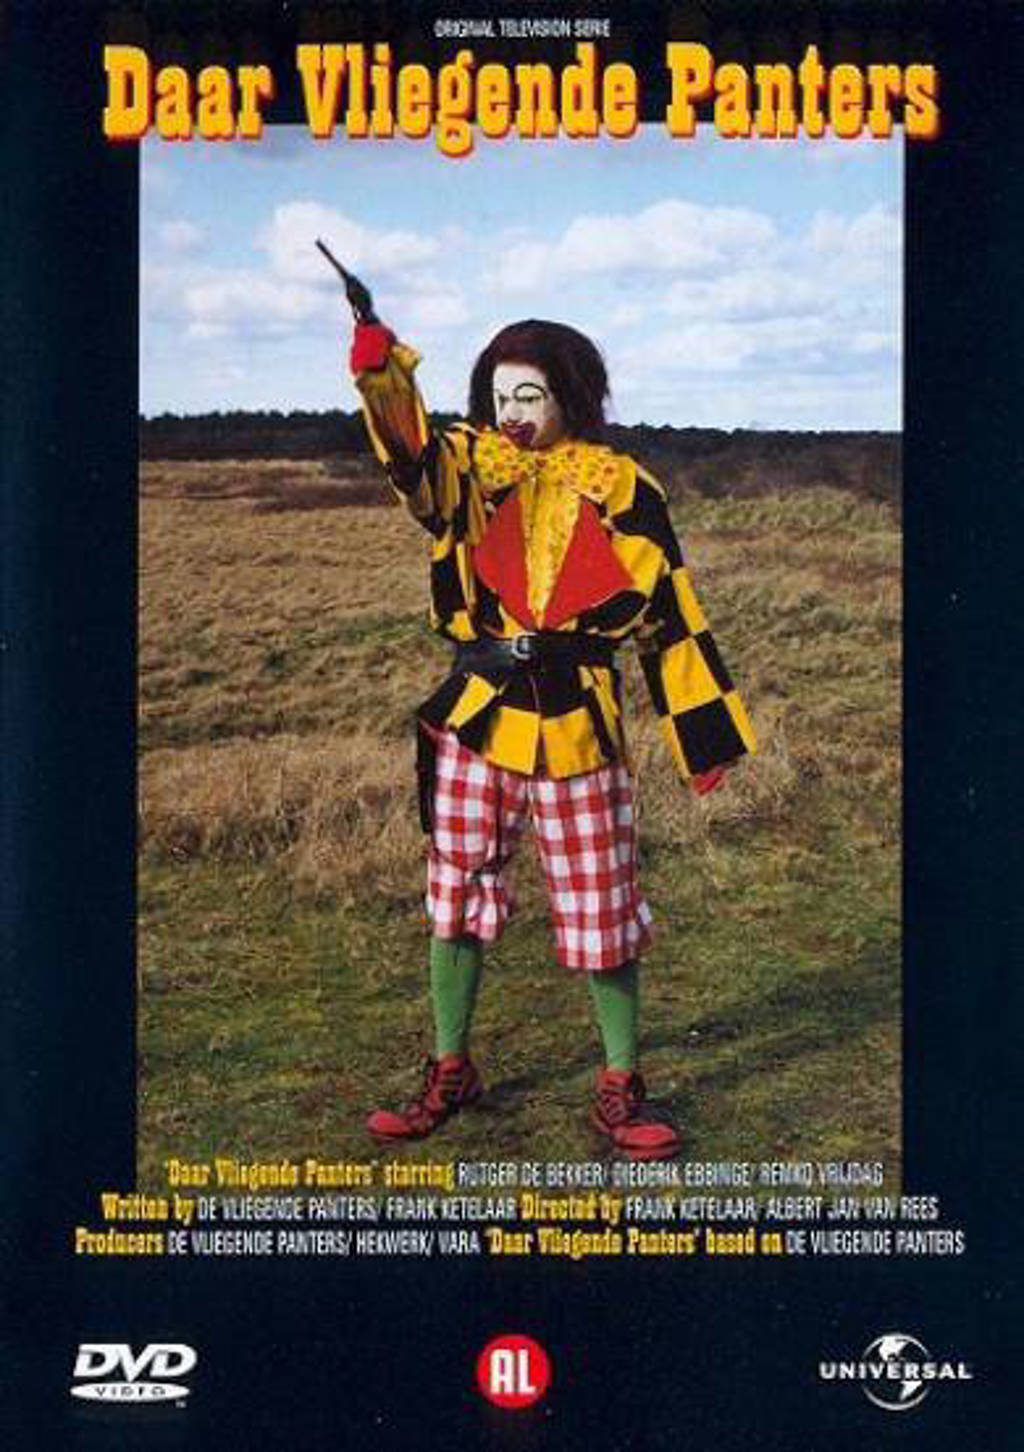 Vliegende Panters-daar vliegende Panters (DVD)